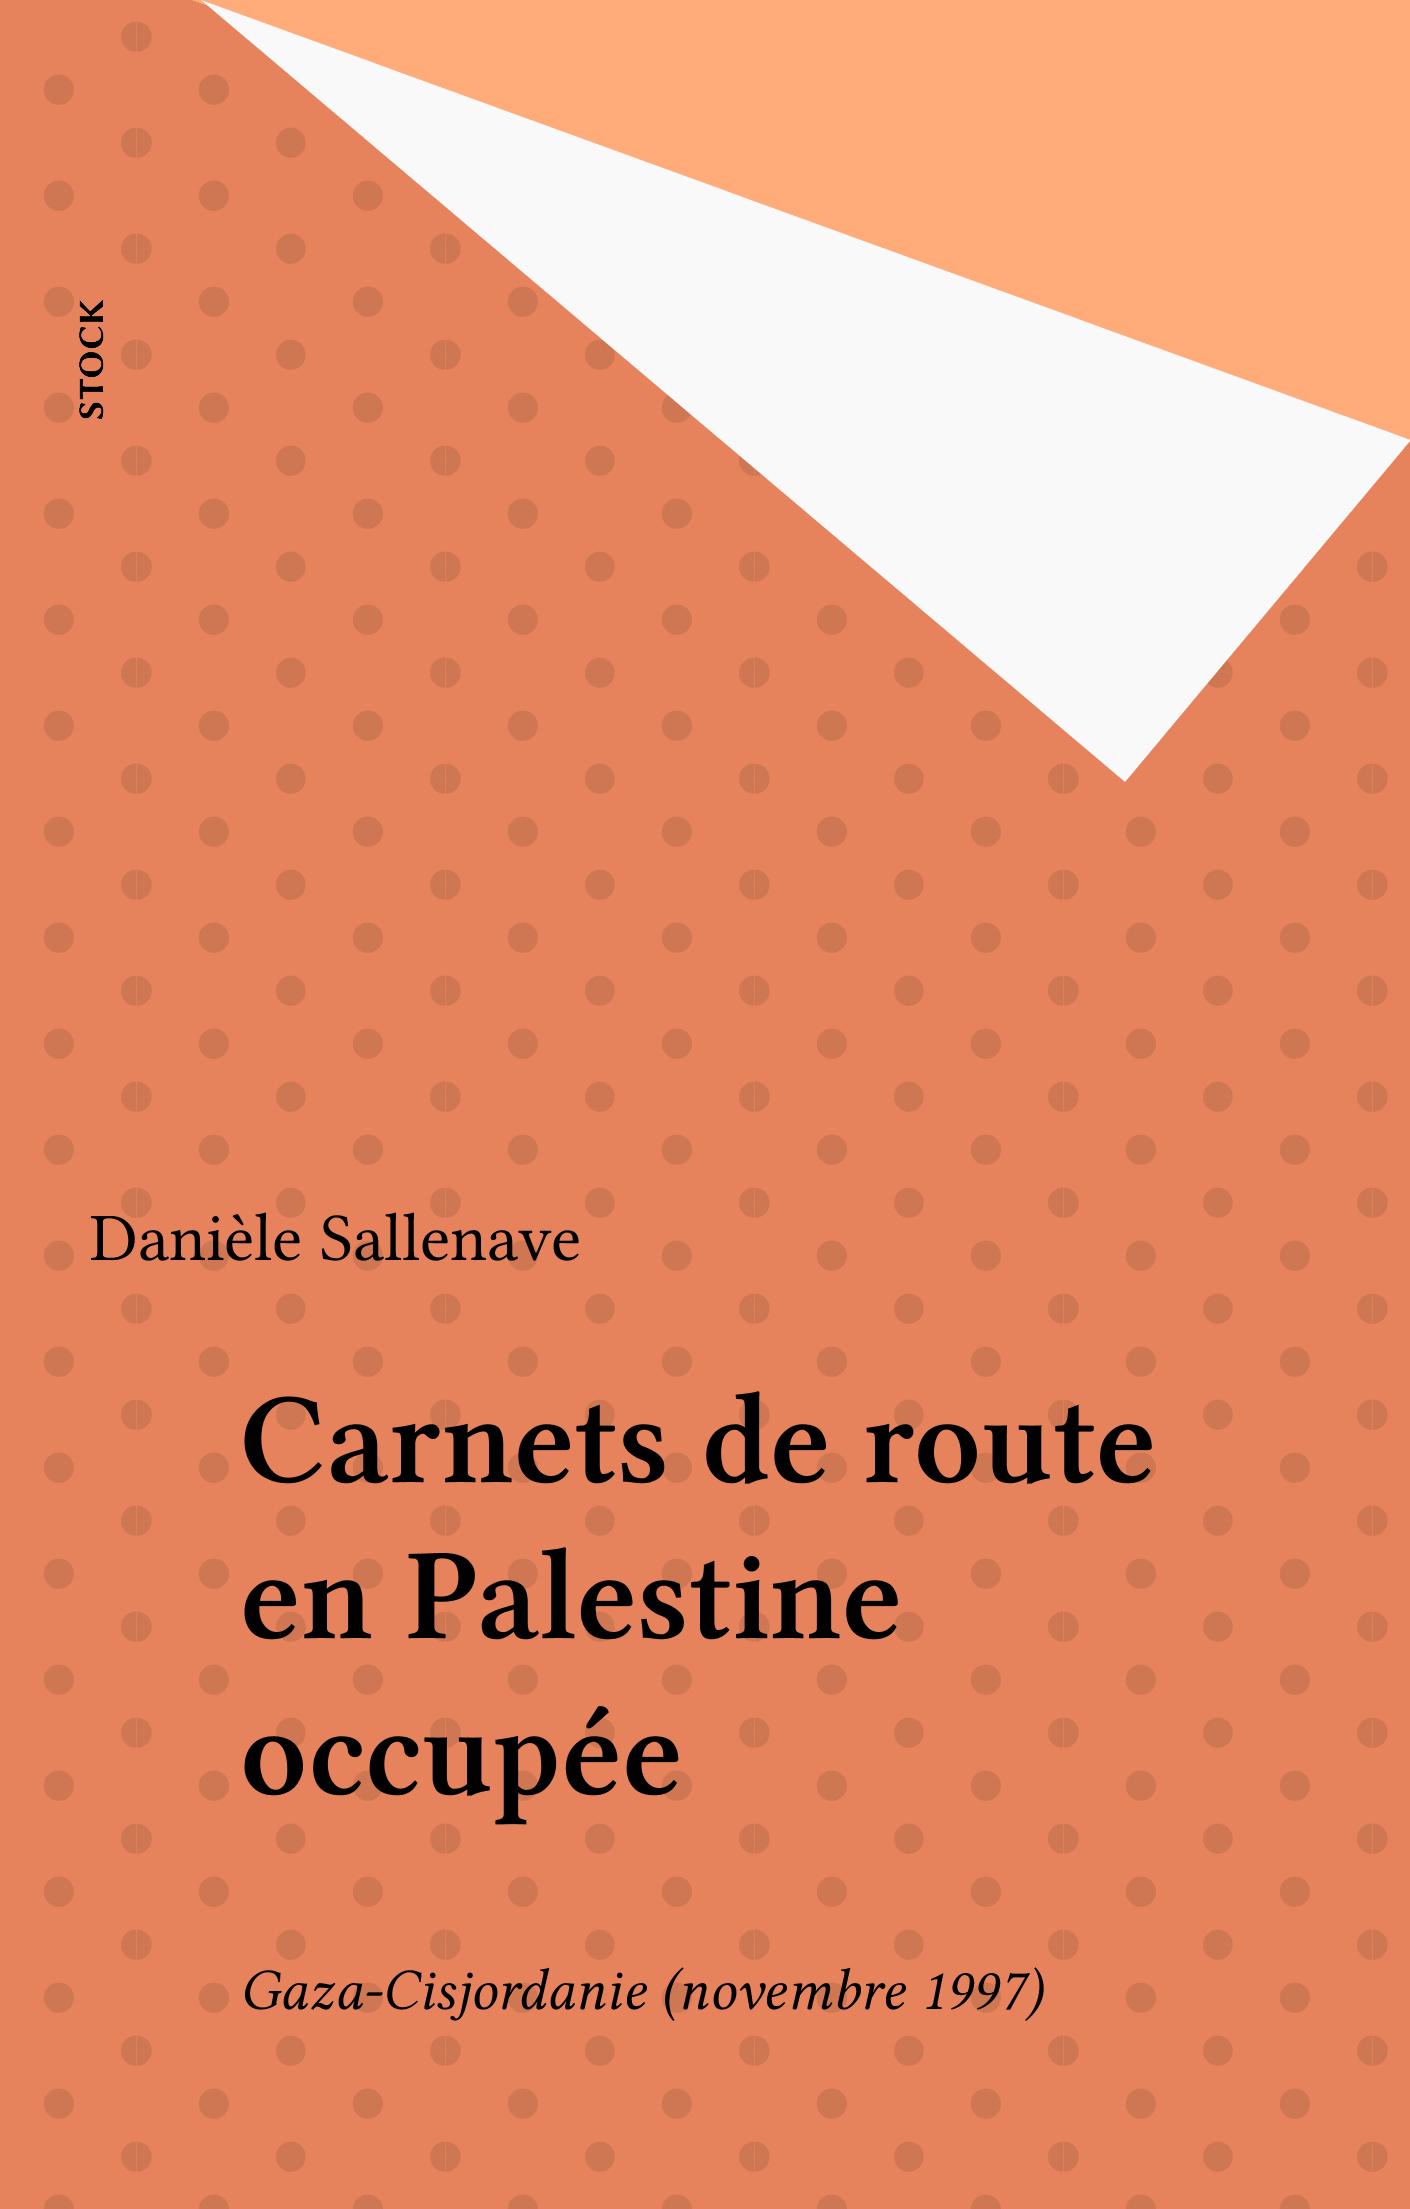 Carnets de route en Palestine occupée, GAZA-CISJORDANIE (NOVEMBRE 1997)